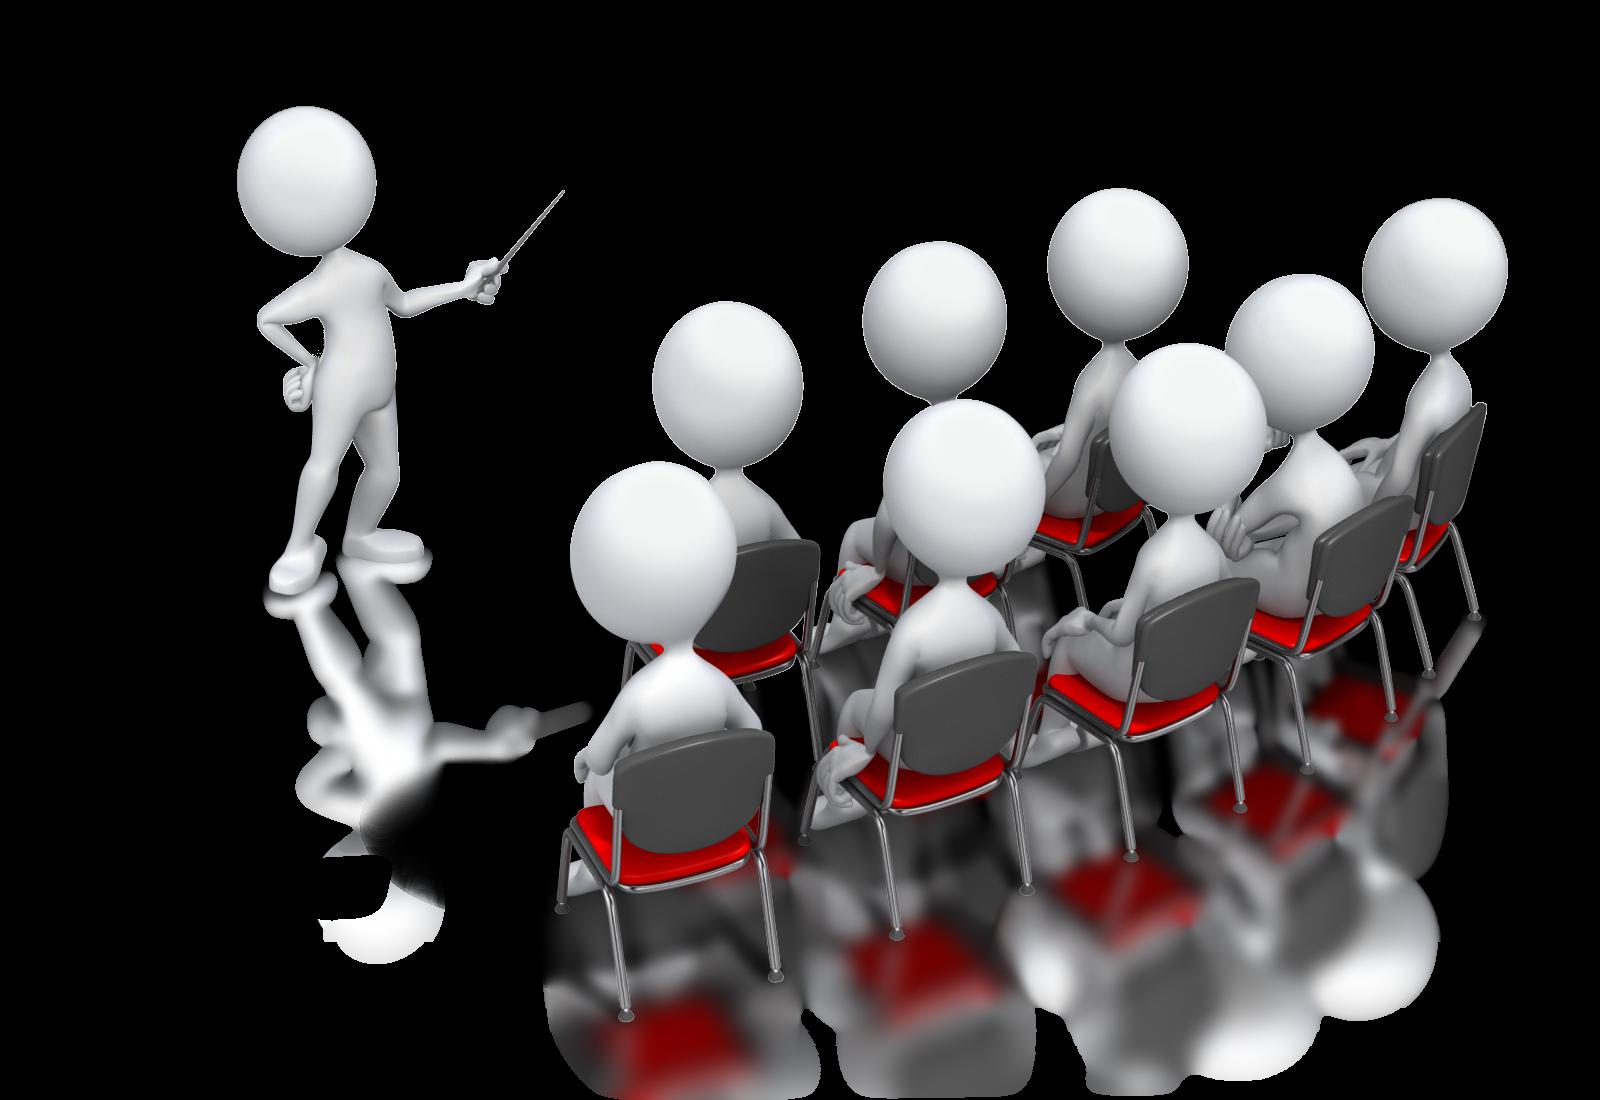 Clipart stick figure planning business shoulder devil clipart free download Image result for 3d figure | 3D Figures | Neuroscience, Stick ... clipart free download